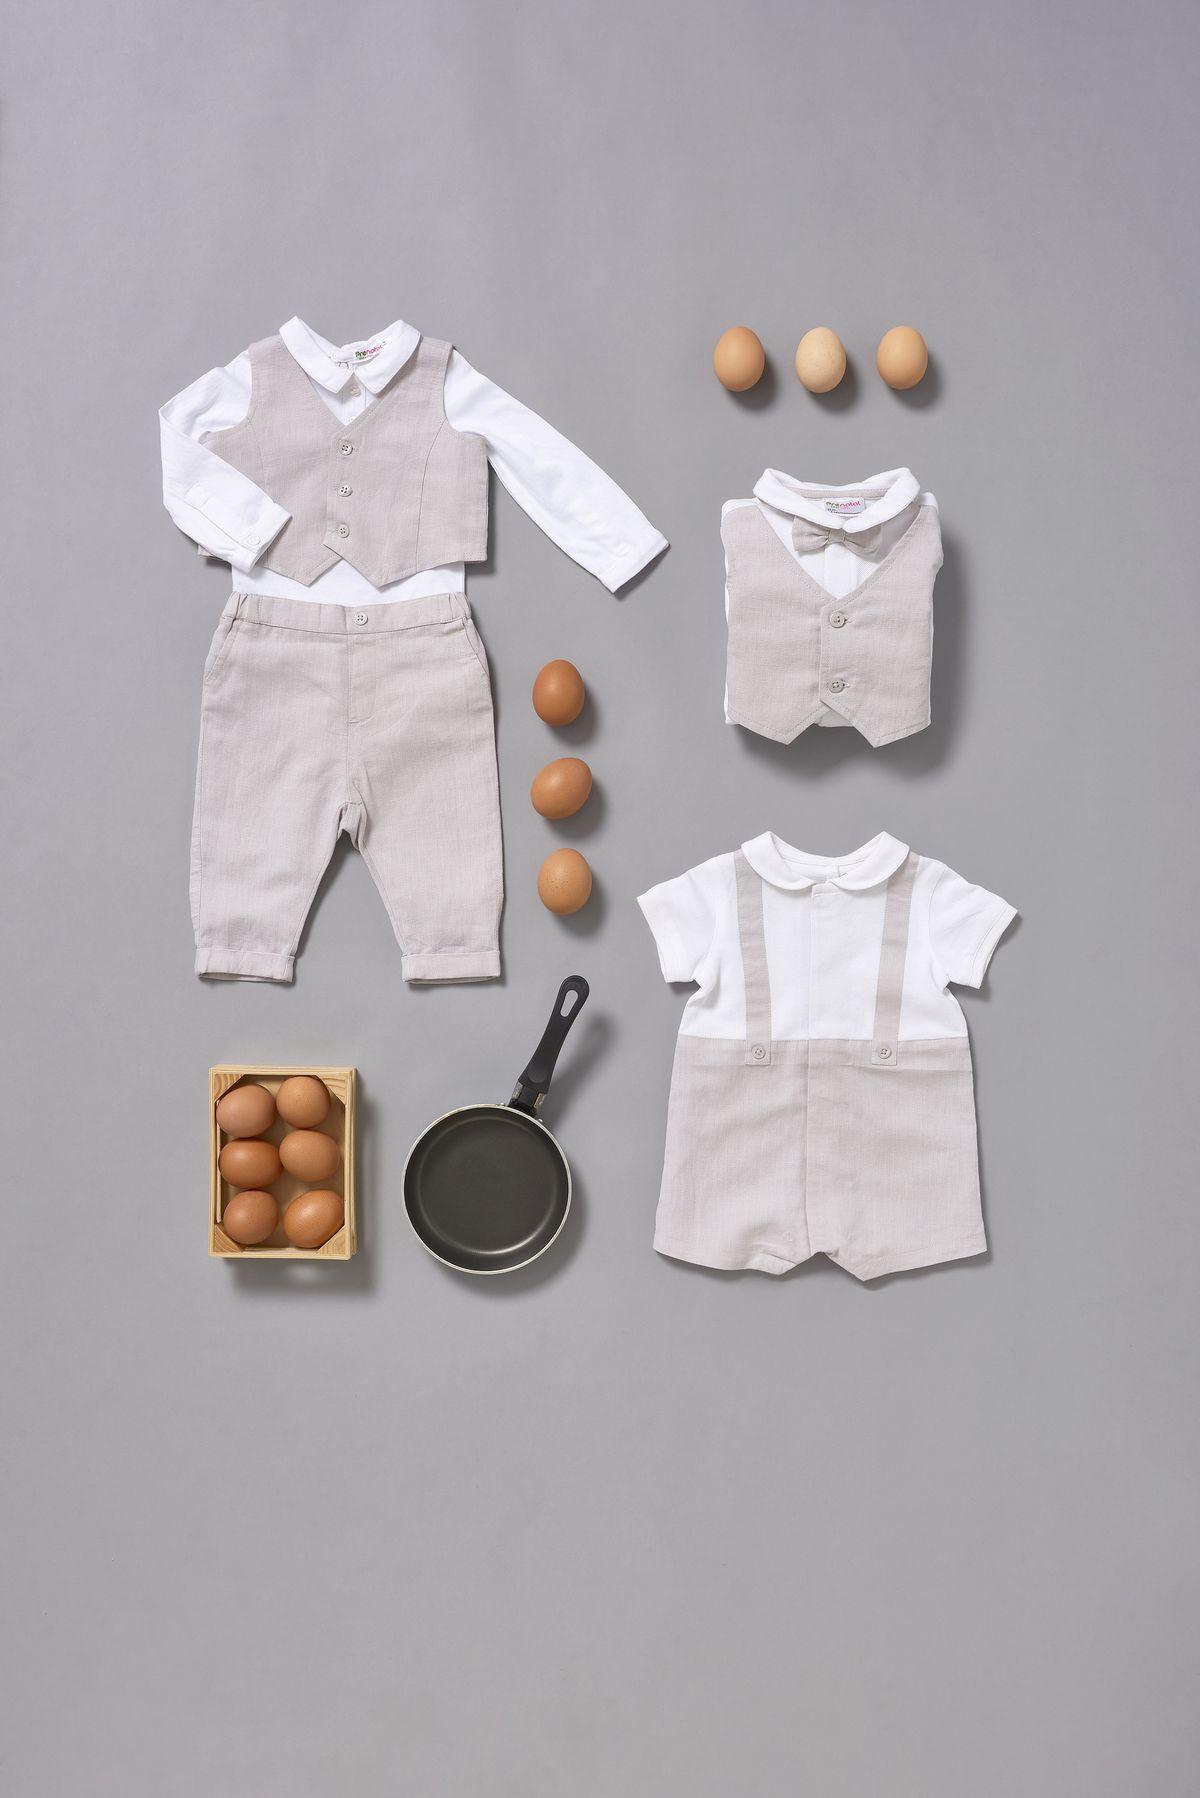 Vestiti Cerimonia Neonato Prenatal.Vestiti Cerimonia Neonato Prenatal